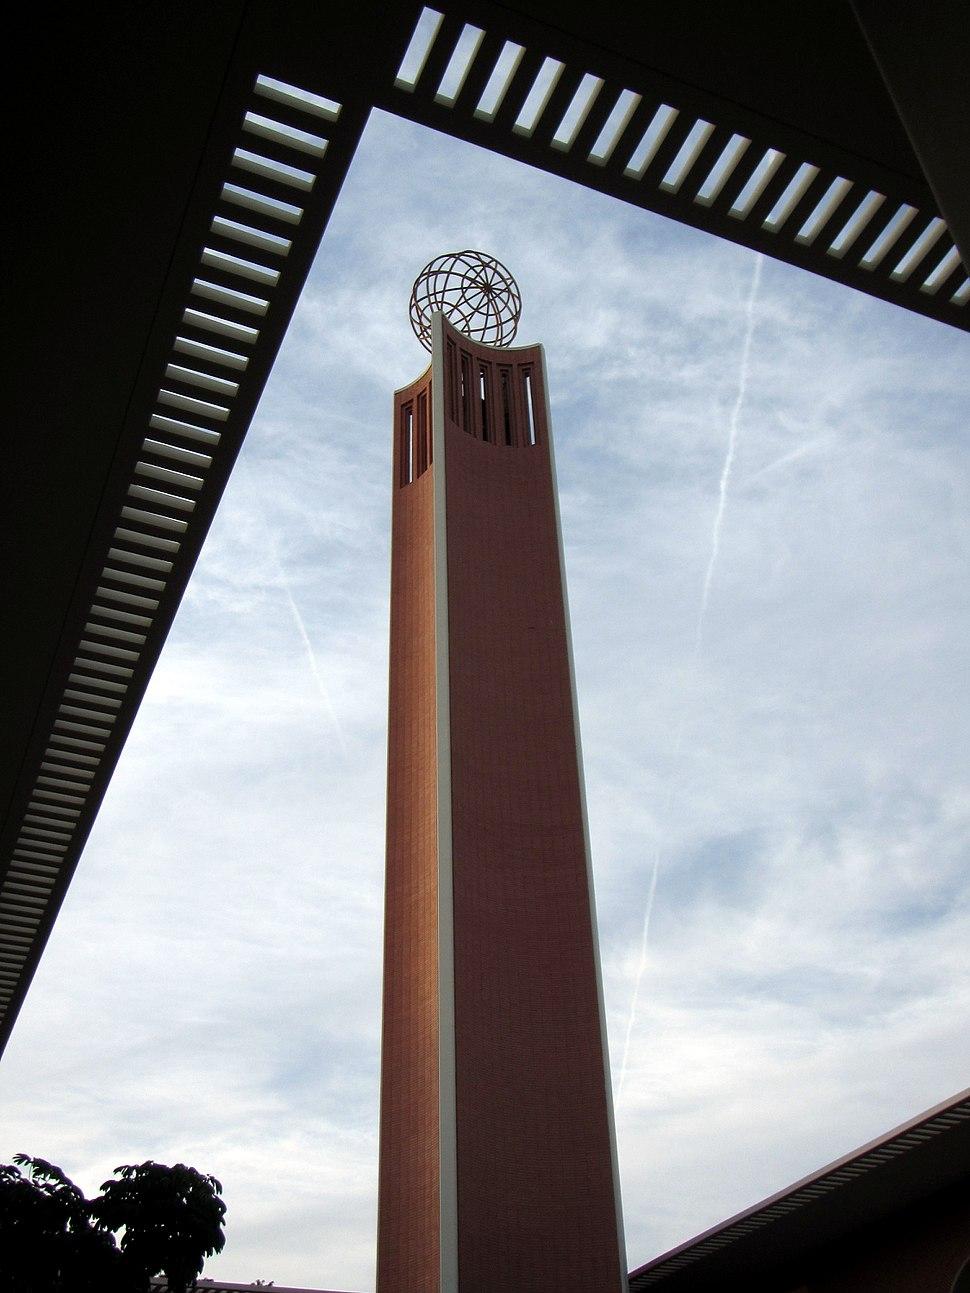 Von Kleinsmid Center of USC - panoramio